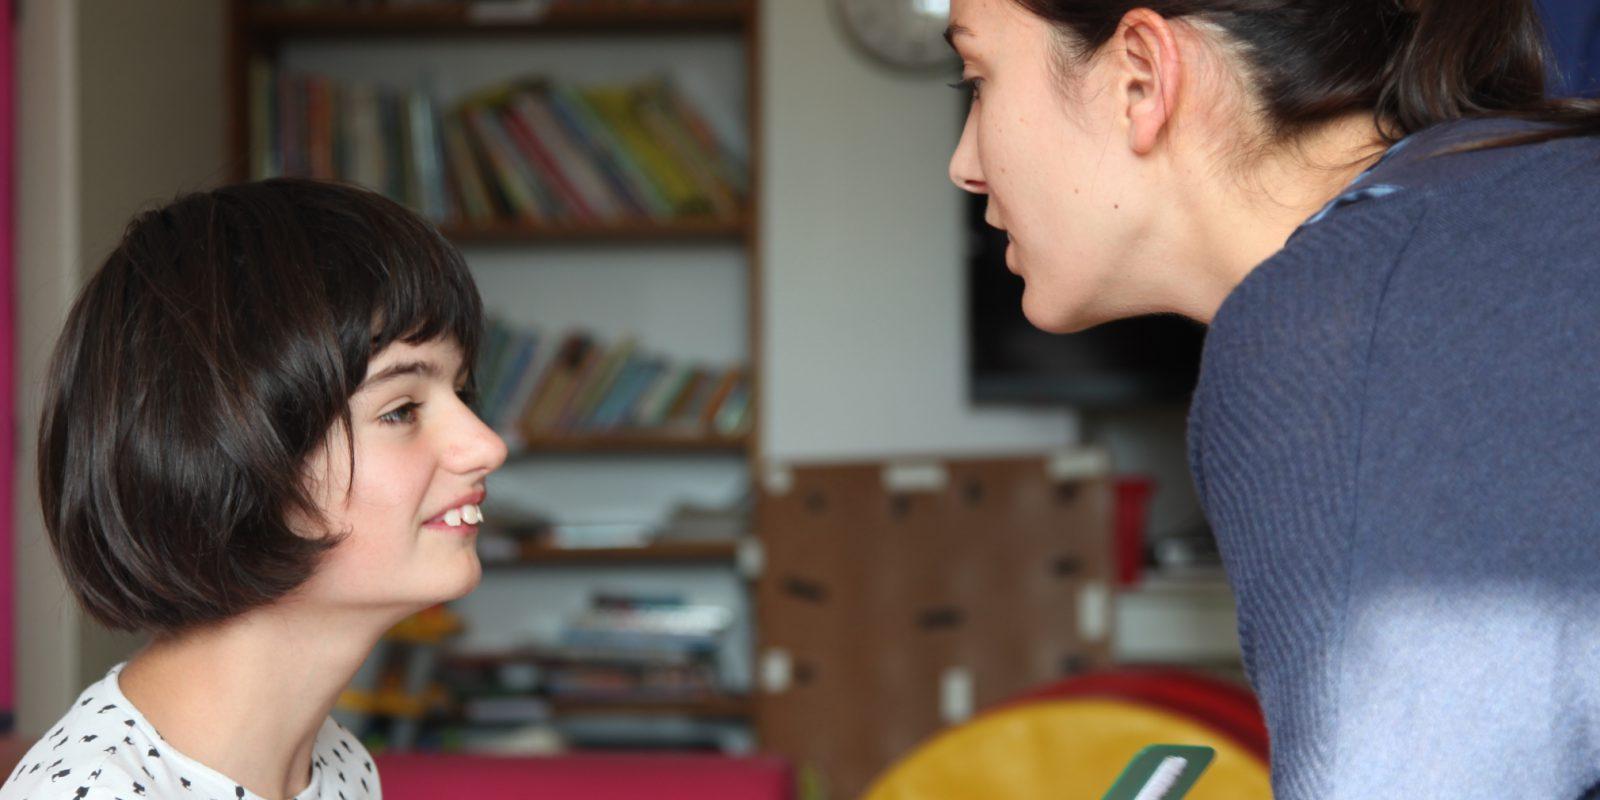 Une éducatrice montre un téléphone à une jeune fille